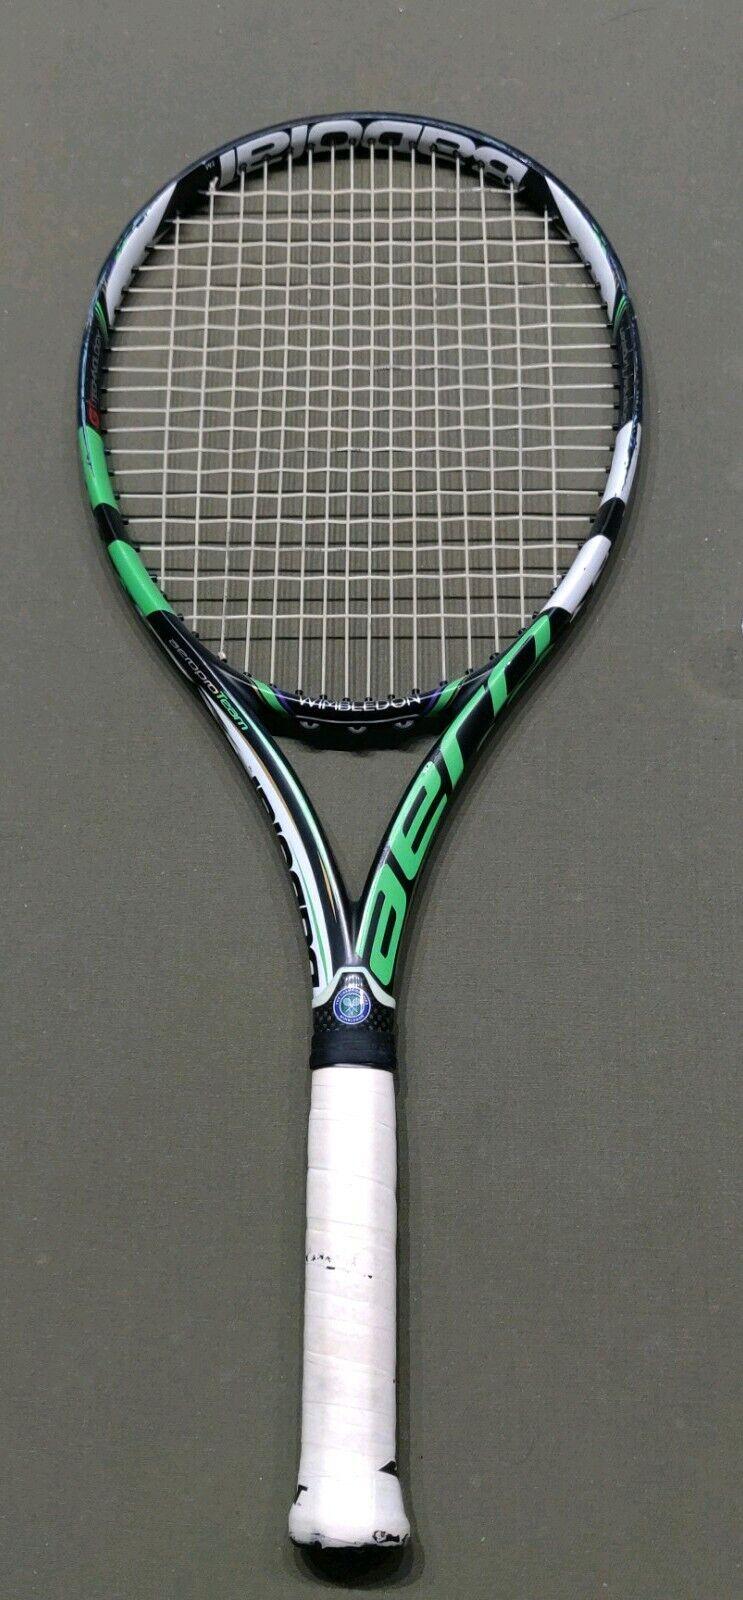 Babolat Aero Pro 2014 de  unidad de equipo Wimbledon 100sq 4 3 8 tenis NXT 50   25OFF  Tienda de moda y compras online.